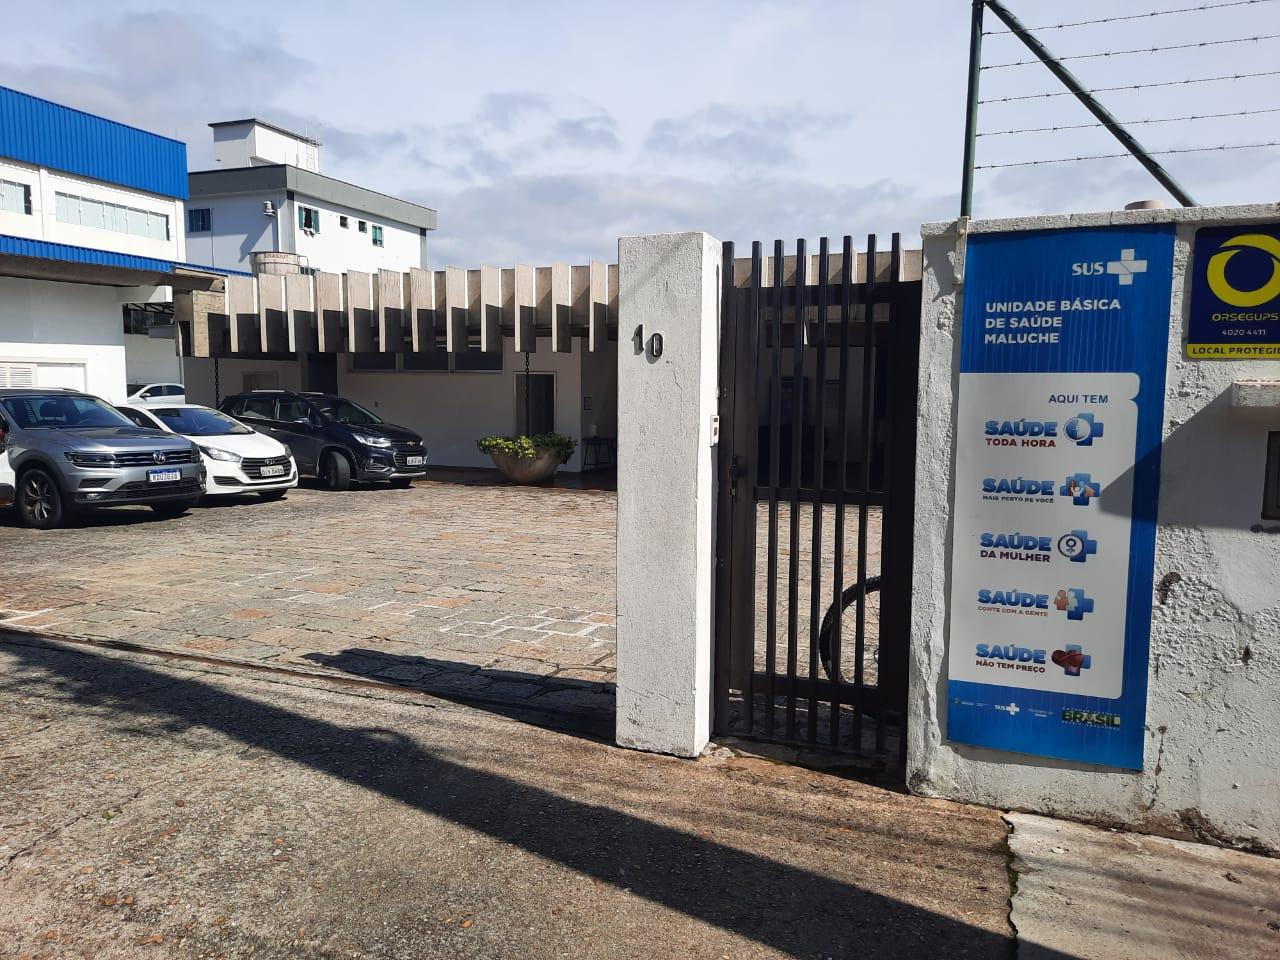 Secretaria de Saúde amplia atendimento de urgência e emergência para quadros leves em Brusque